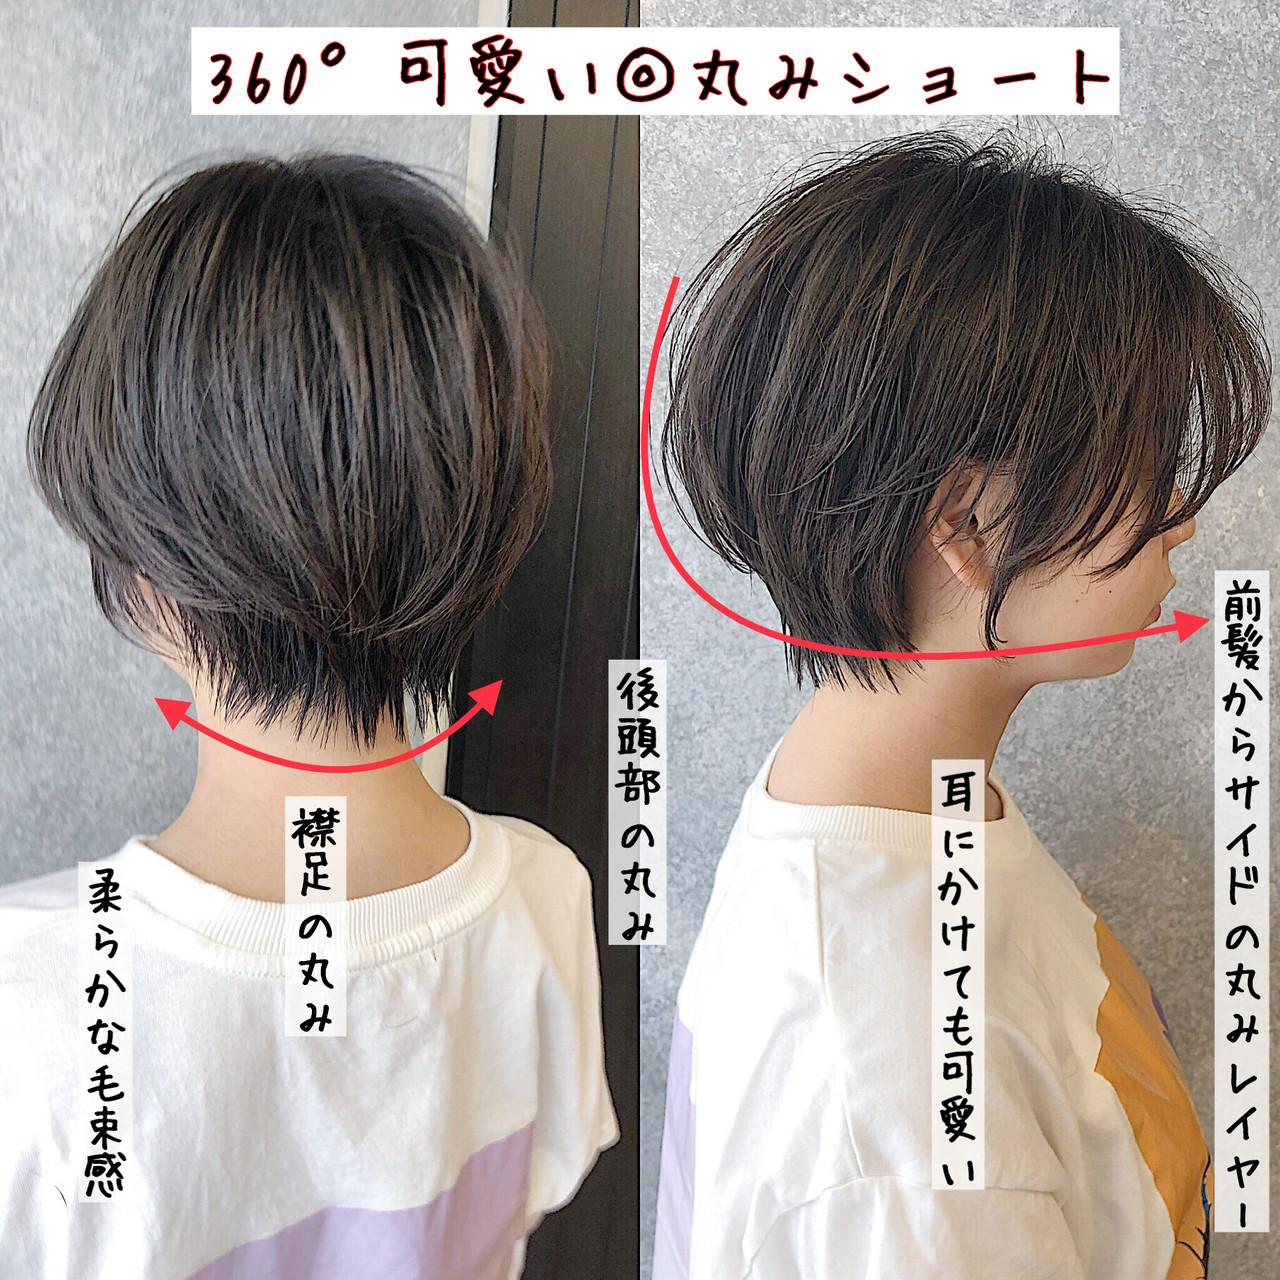 ストレート 大人かわいい ショートボブ 小顔 ヘアスタイルや髪型の写真・画像 | 本田 重人 / GRAFF hair